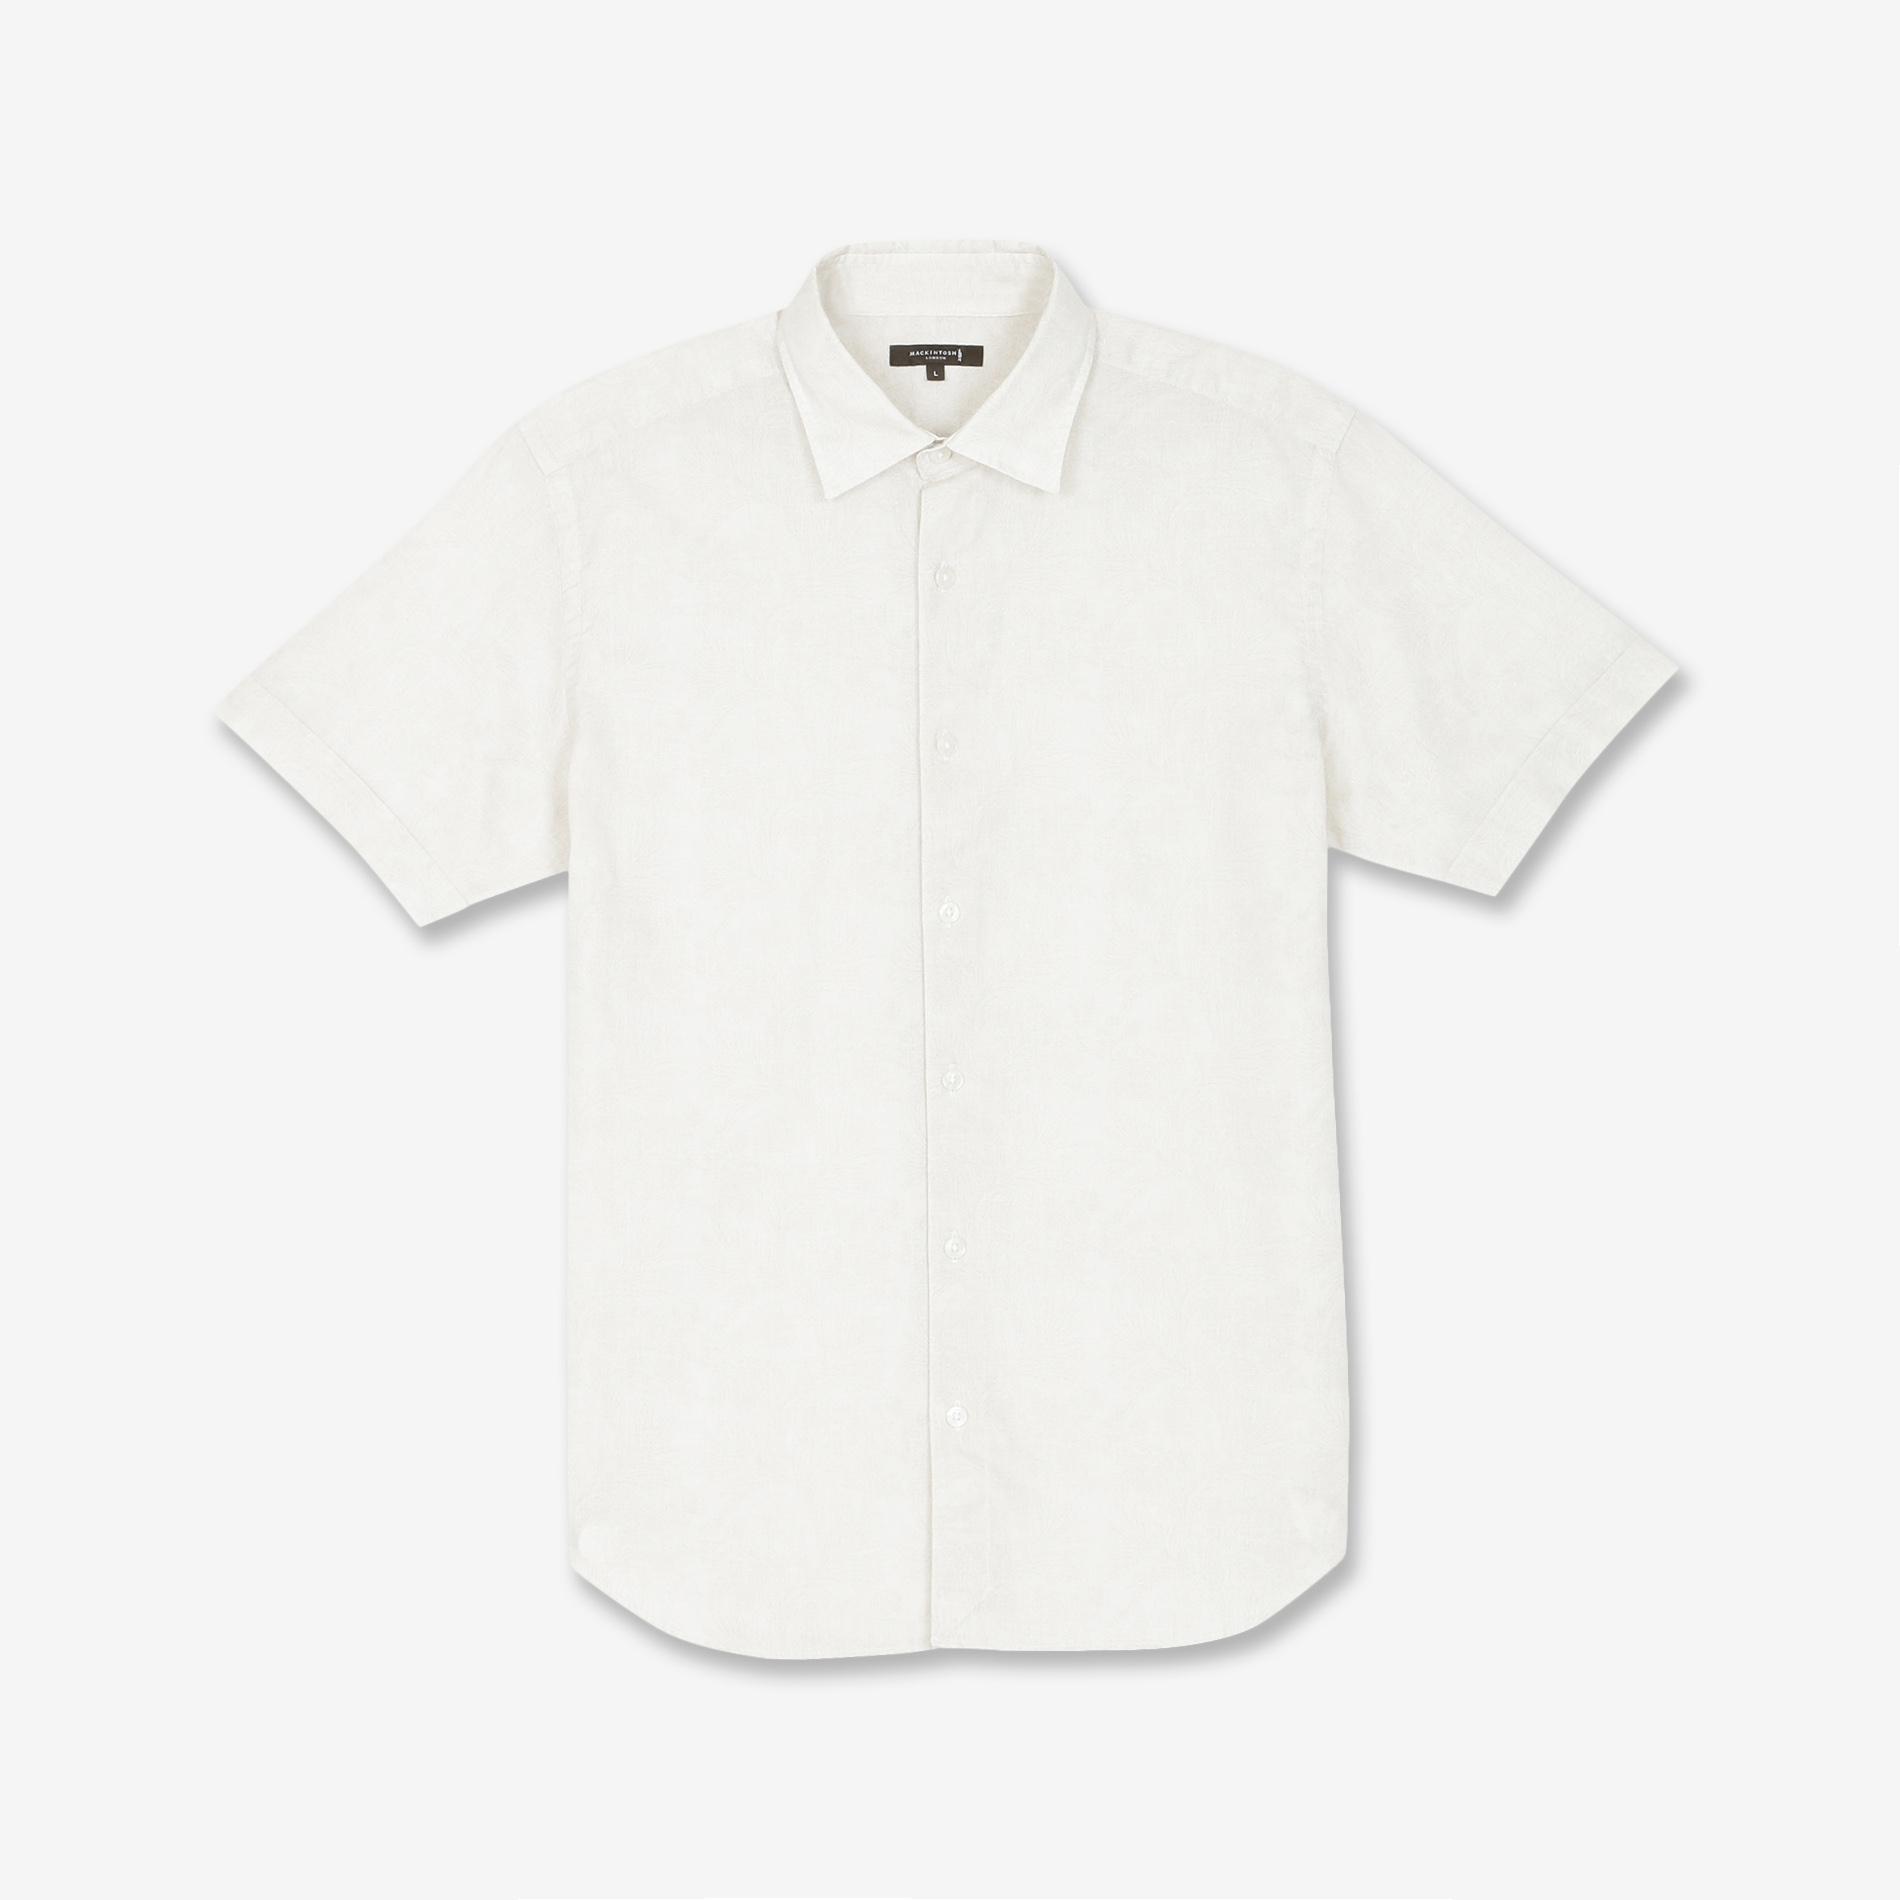 バイブリーフラワープリント半袖シャツ